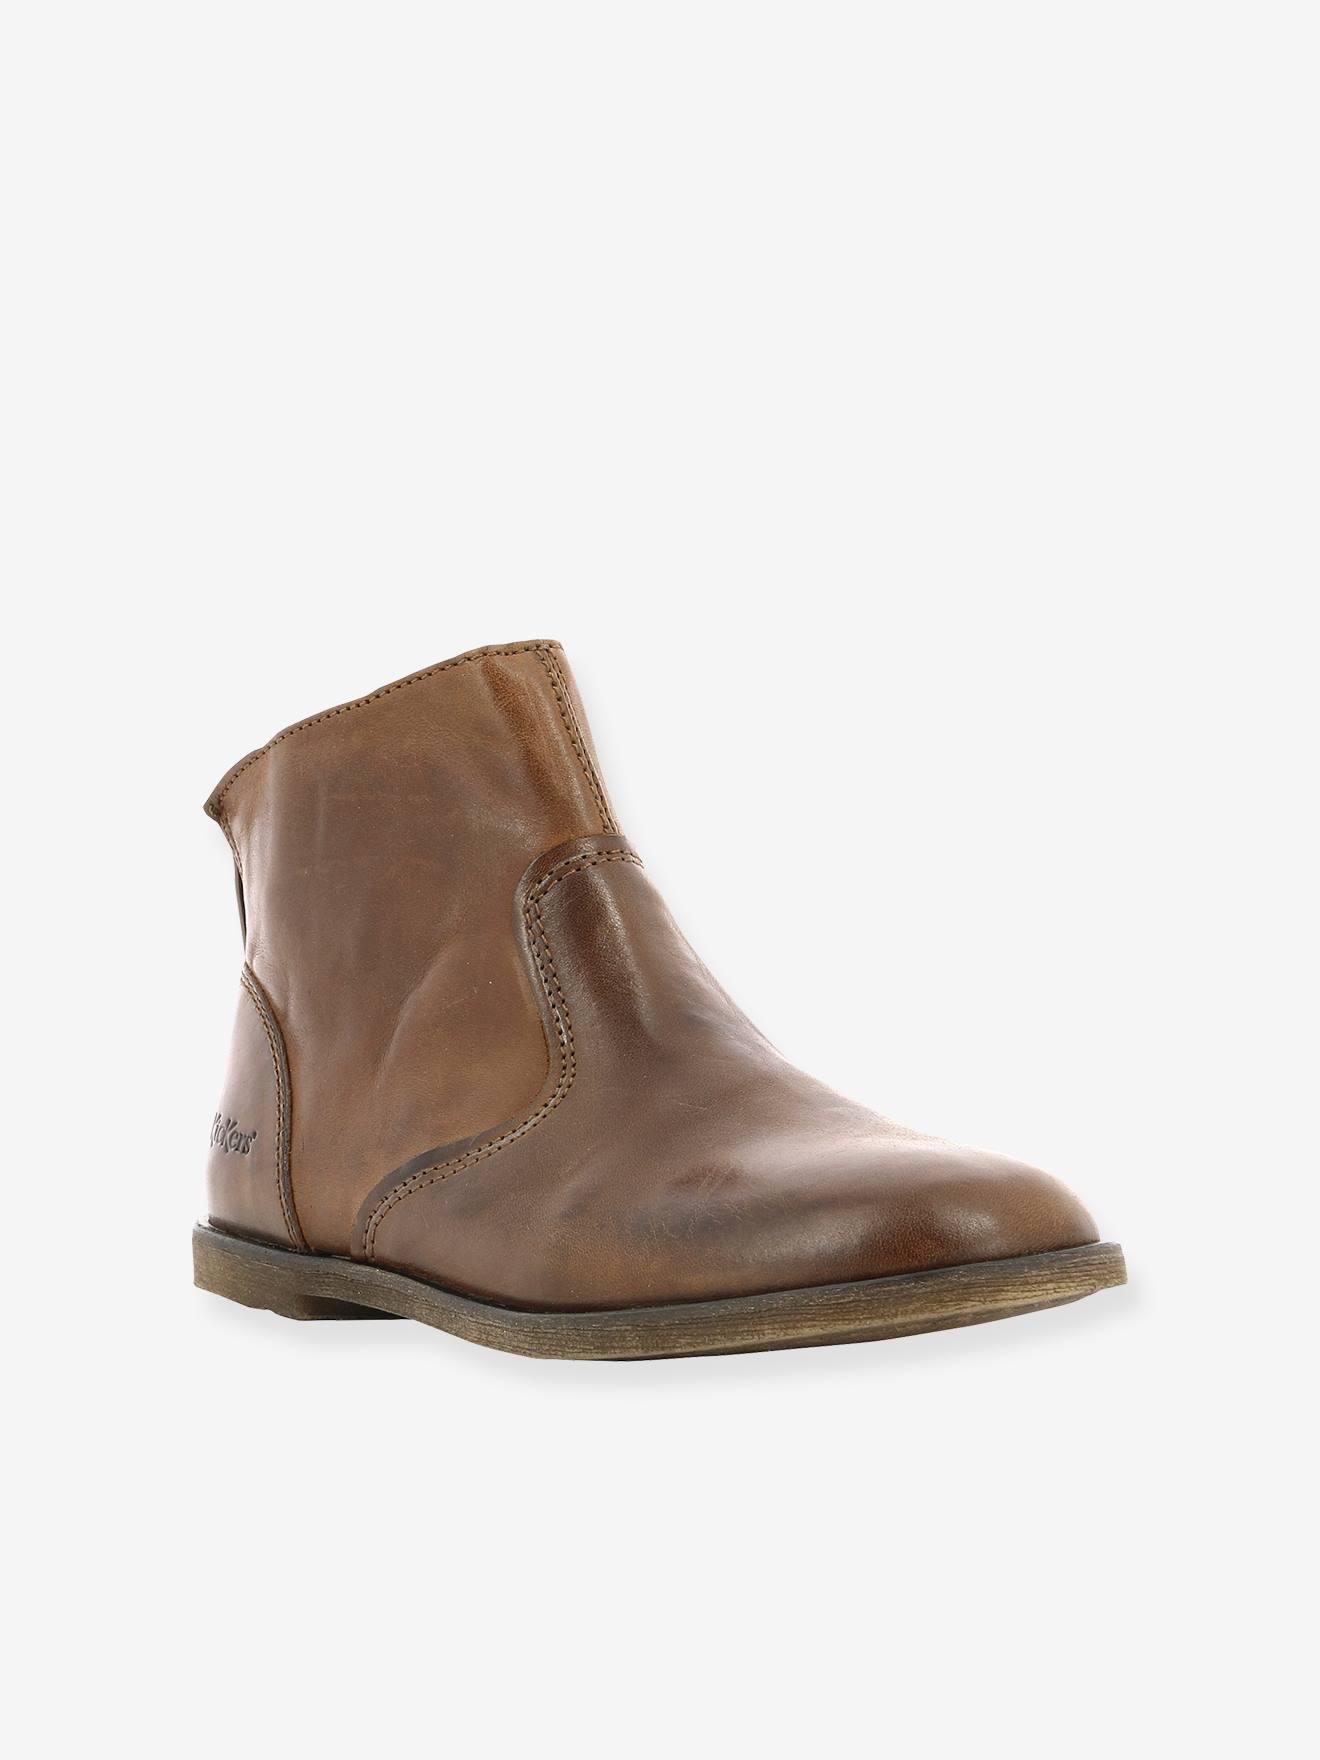 Filles amp; Boots Chaussures En Enfant Ligne Pour Fille Bottines pfpYRq